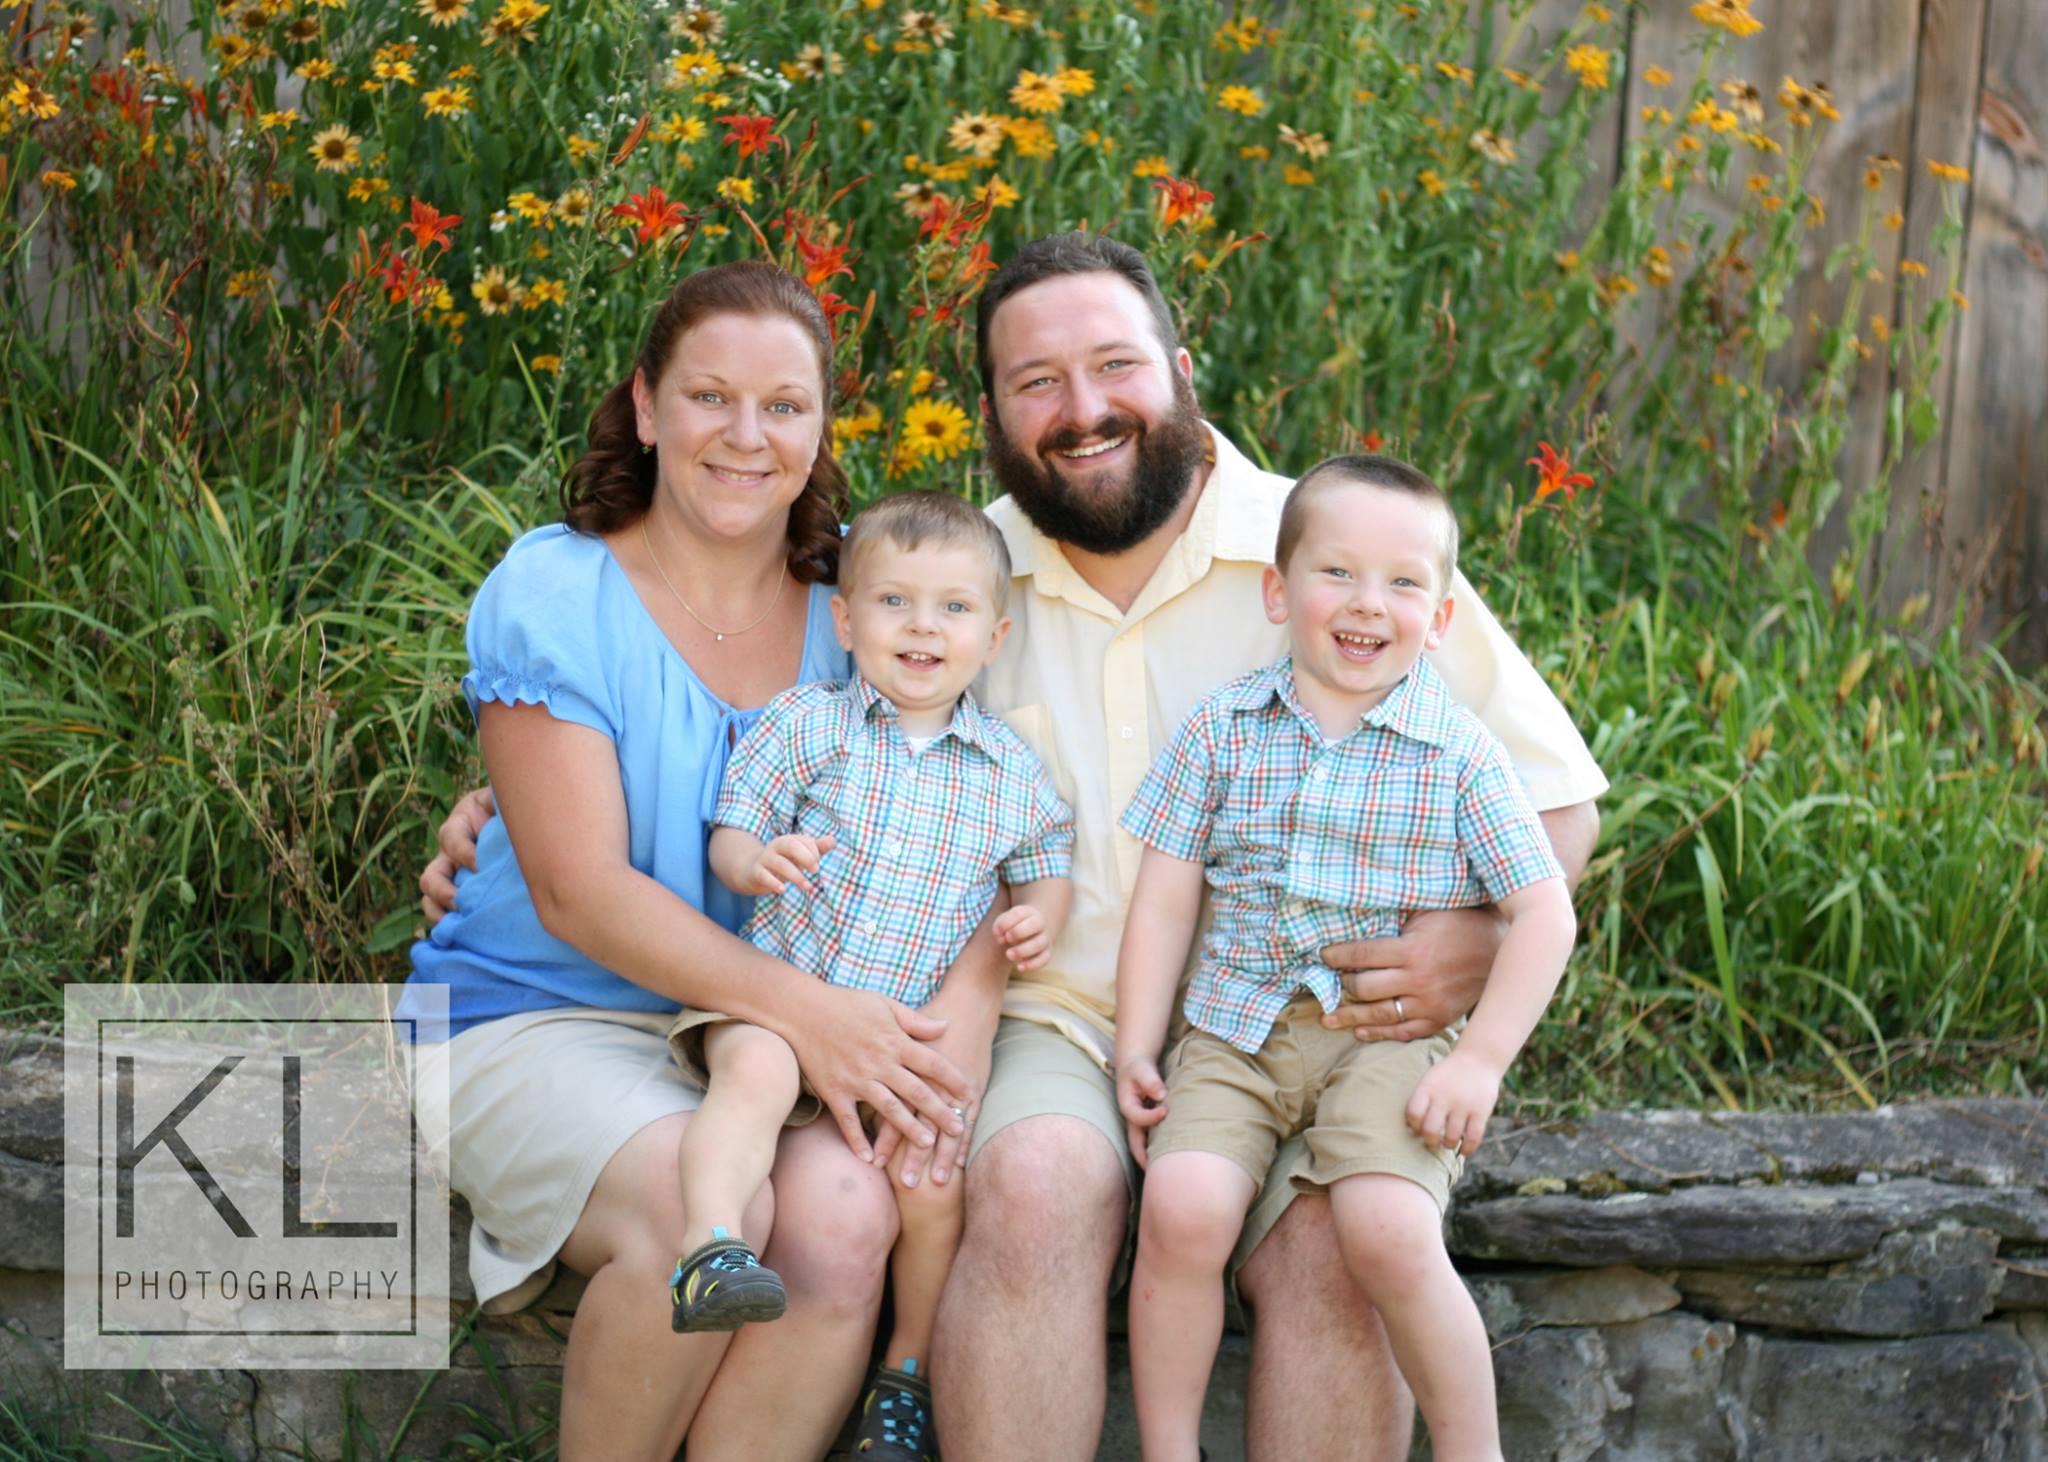 The Shaffer Family | Binghamton Family Photographer